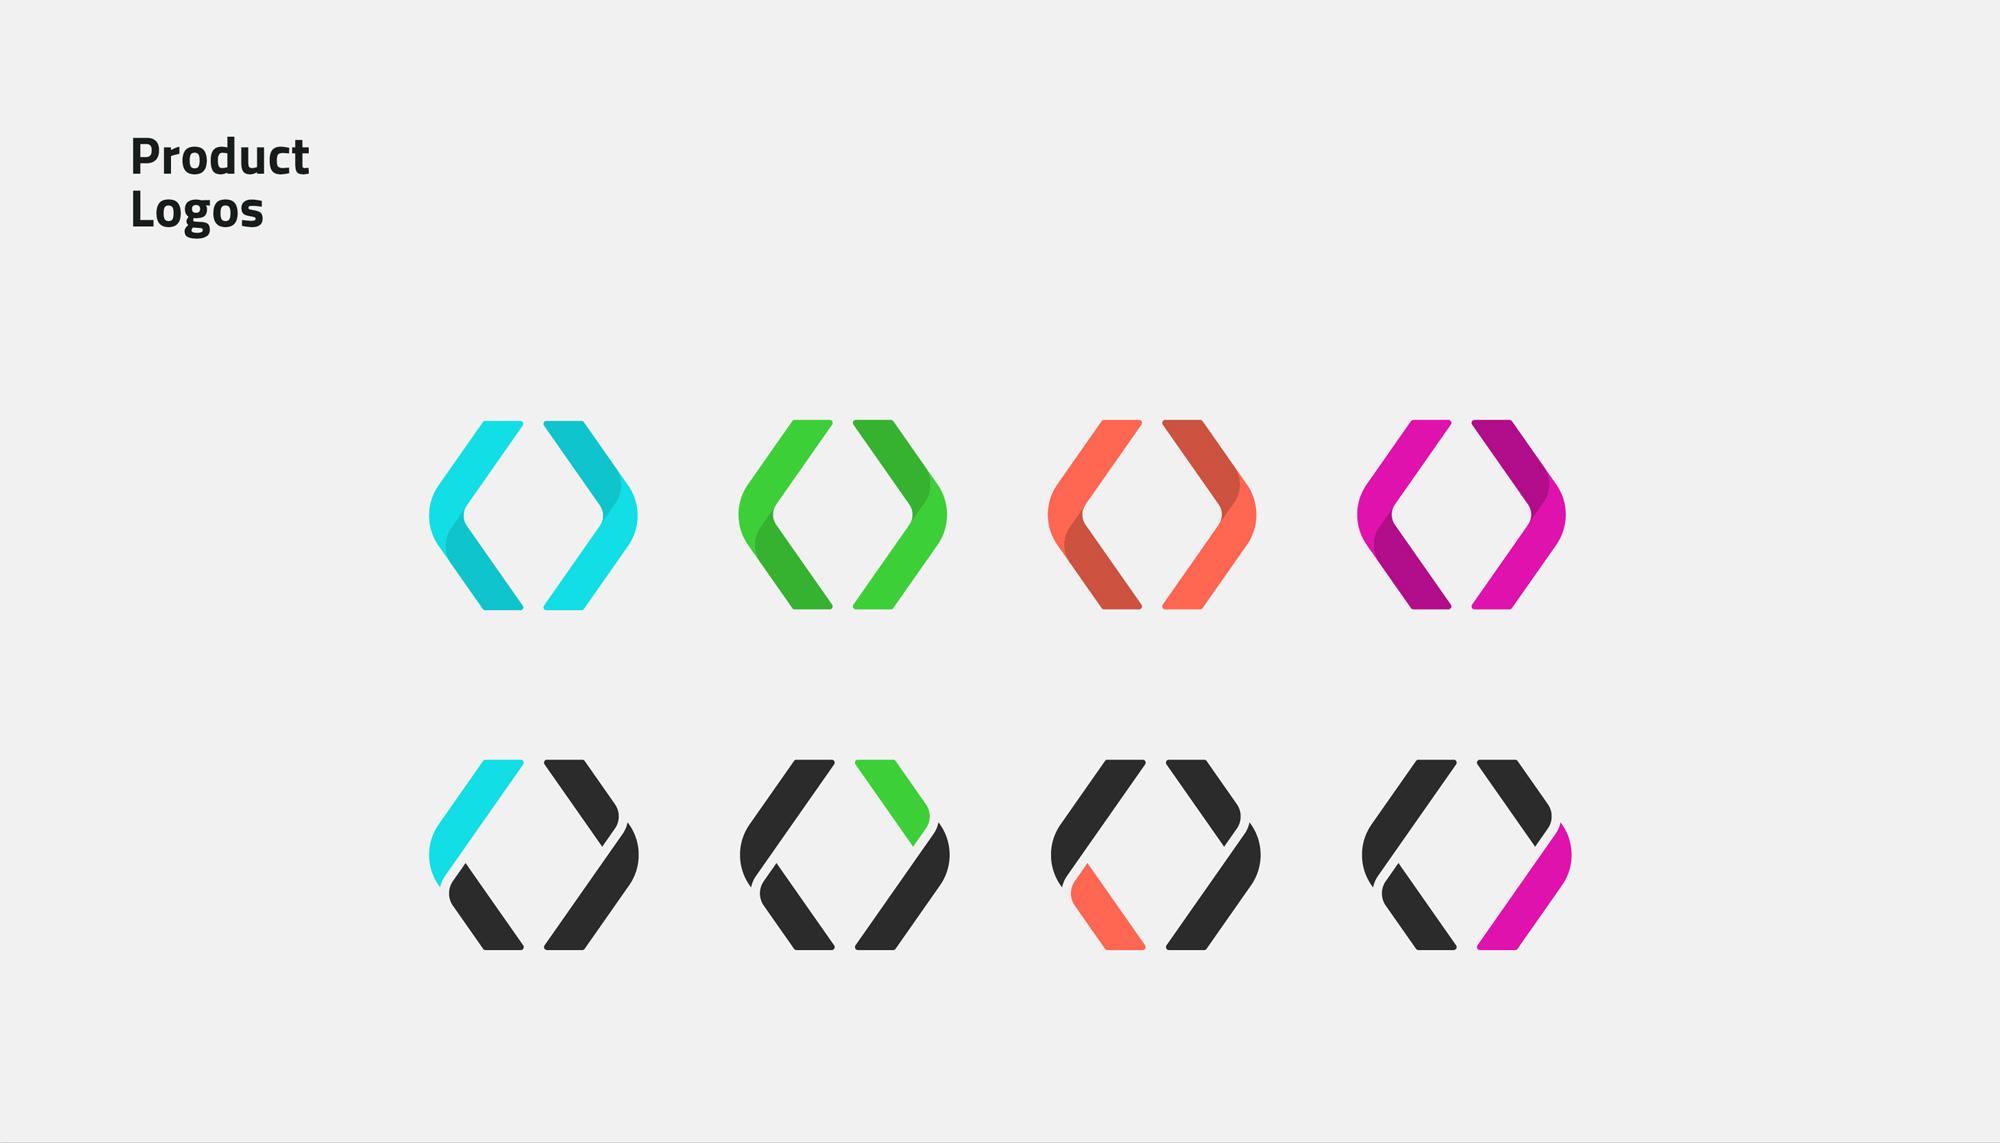 TITAN - Product Logos